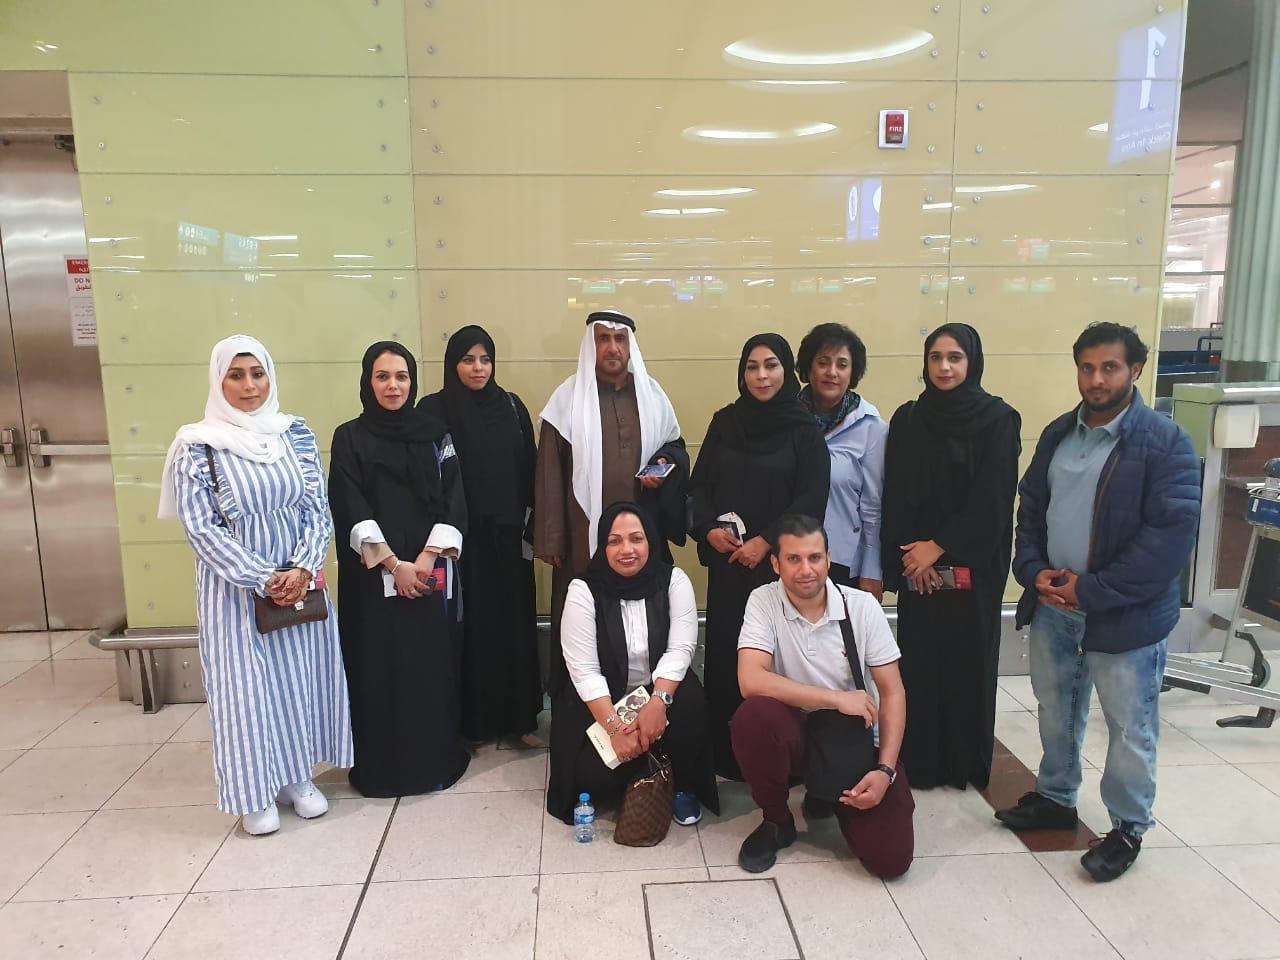 وفد جمعية الصحفيين الاماراتية في زيارة للمؤسسات الصحفية والإعلامية بالقاهرة